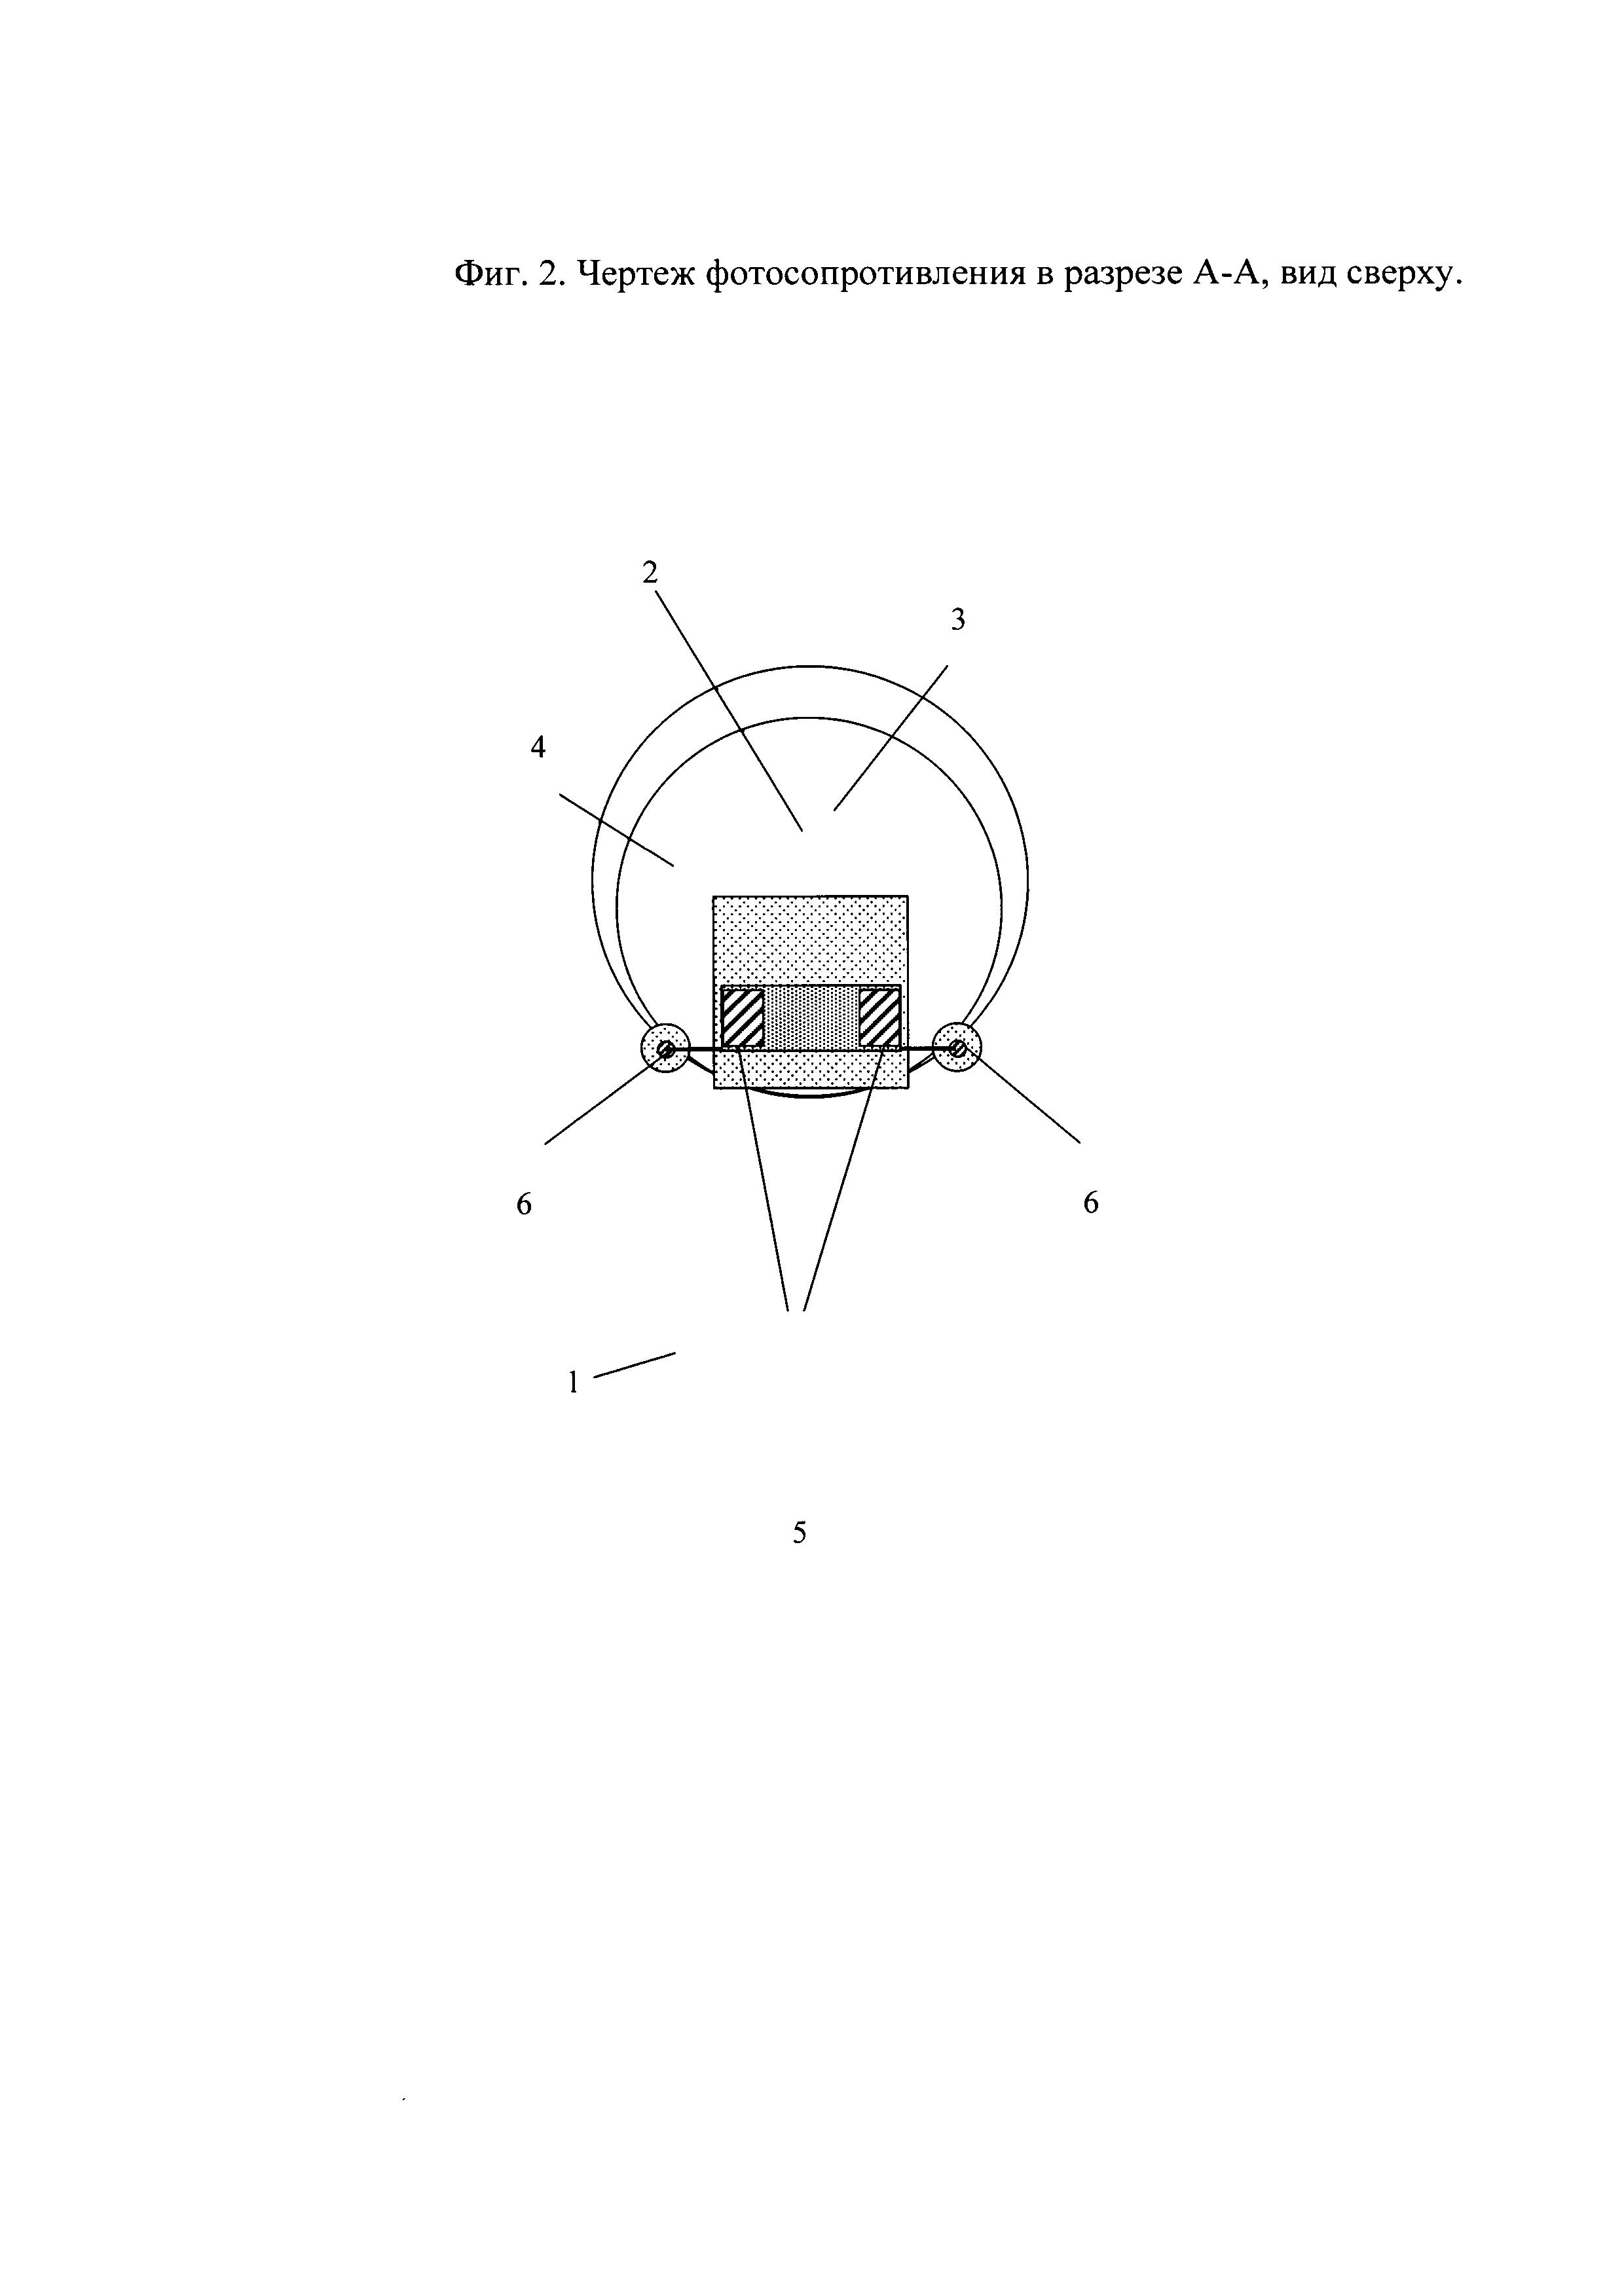 Управляемый светом генератор электрических колебаний на однородных кристаллах сульфида кадмия